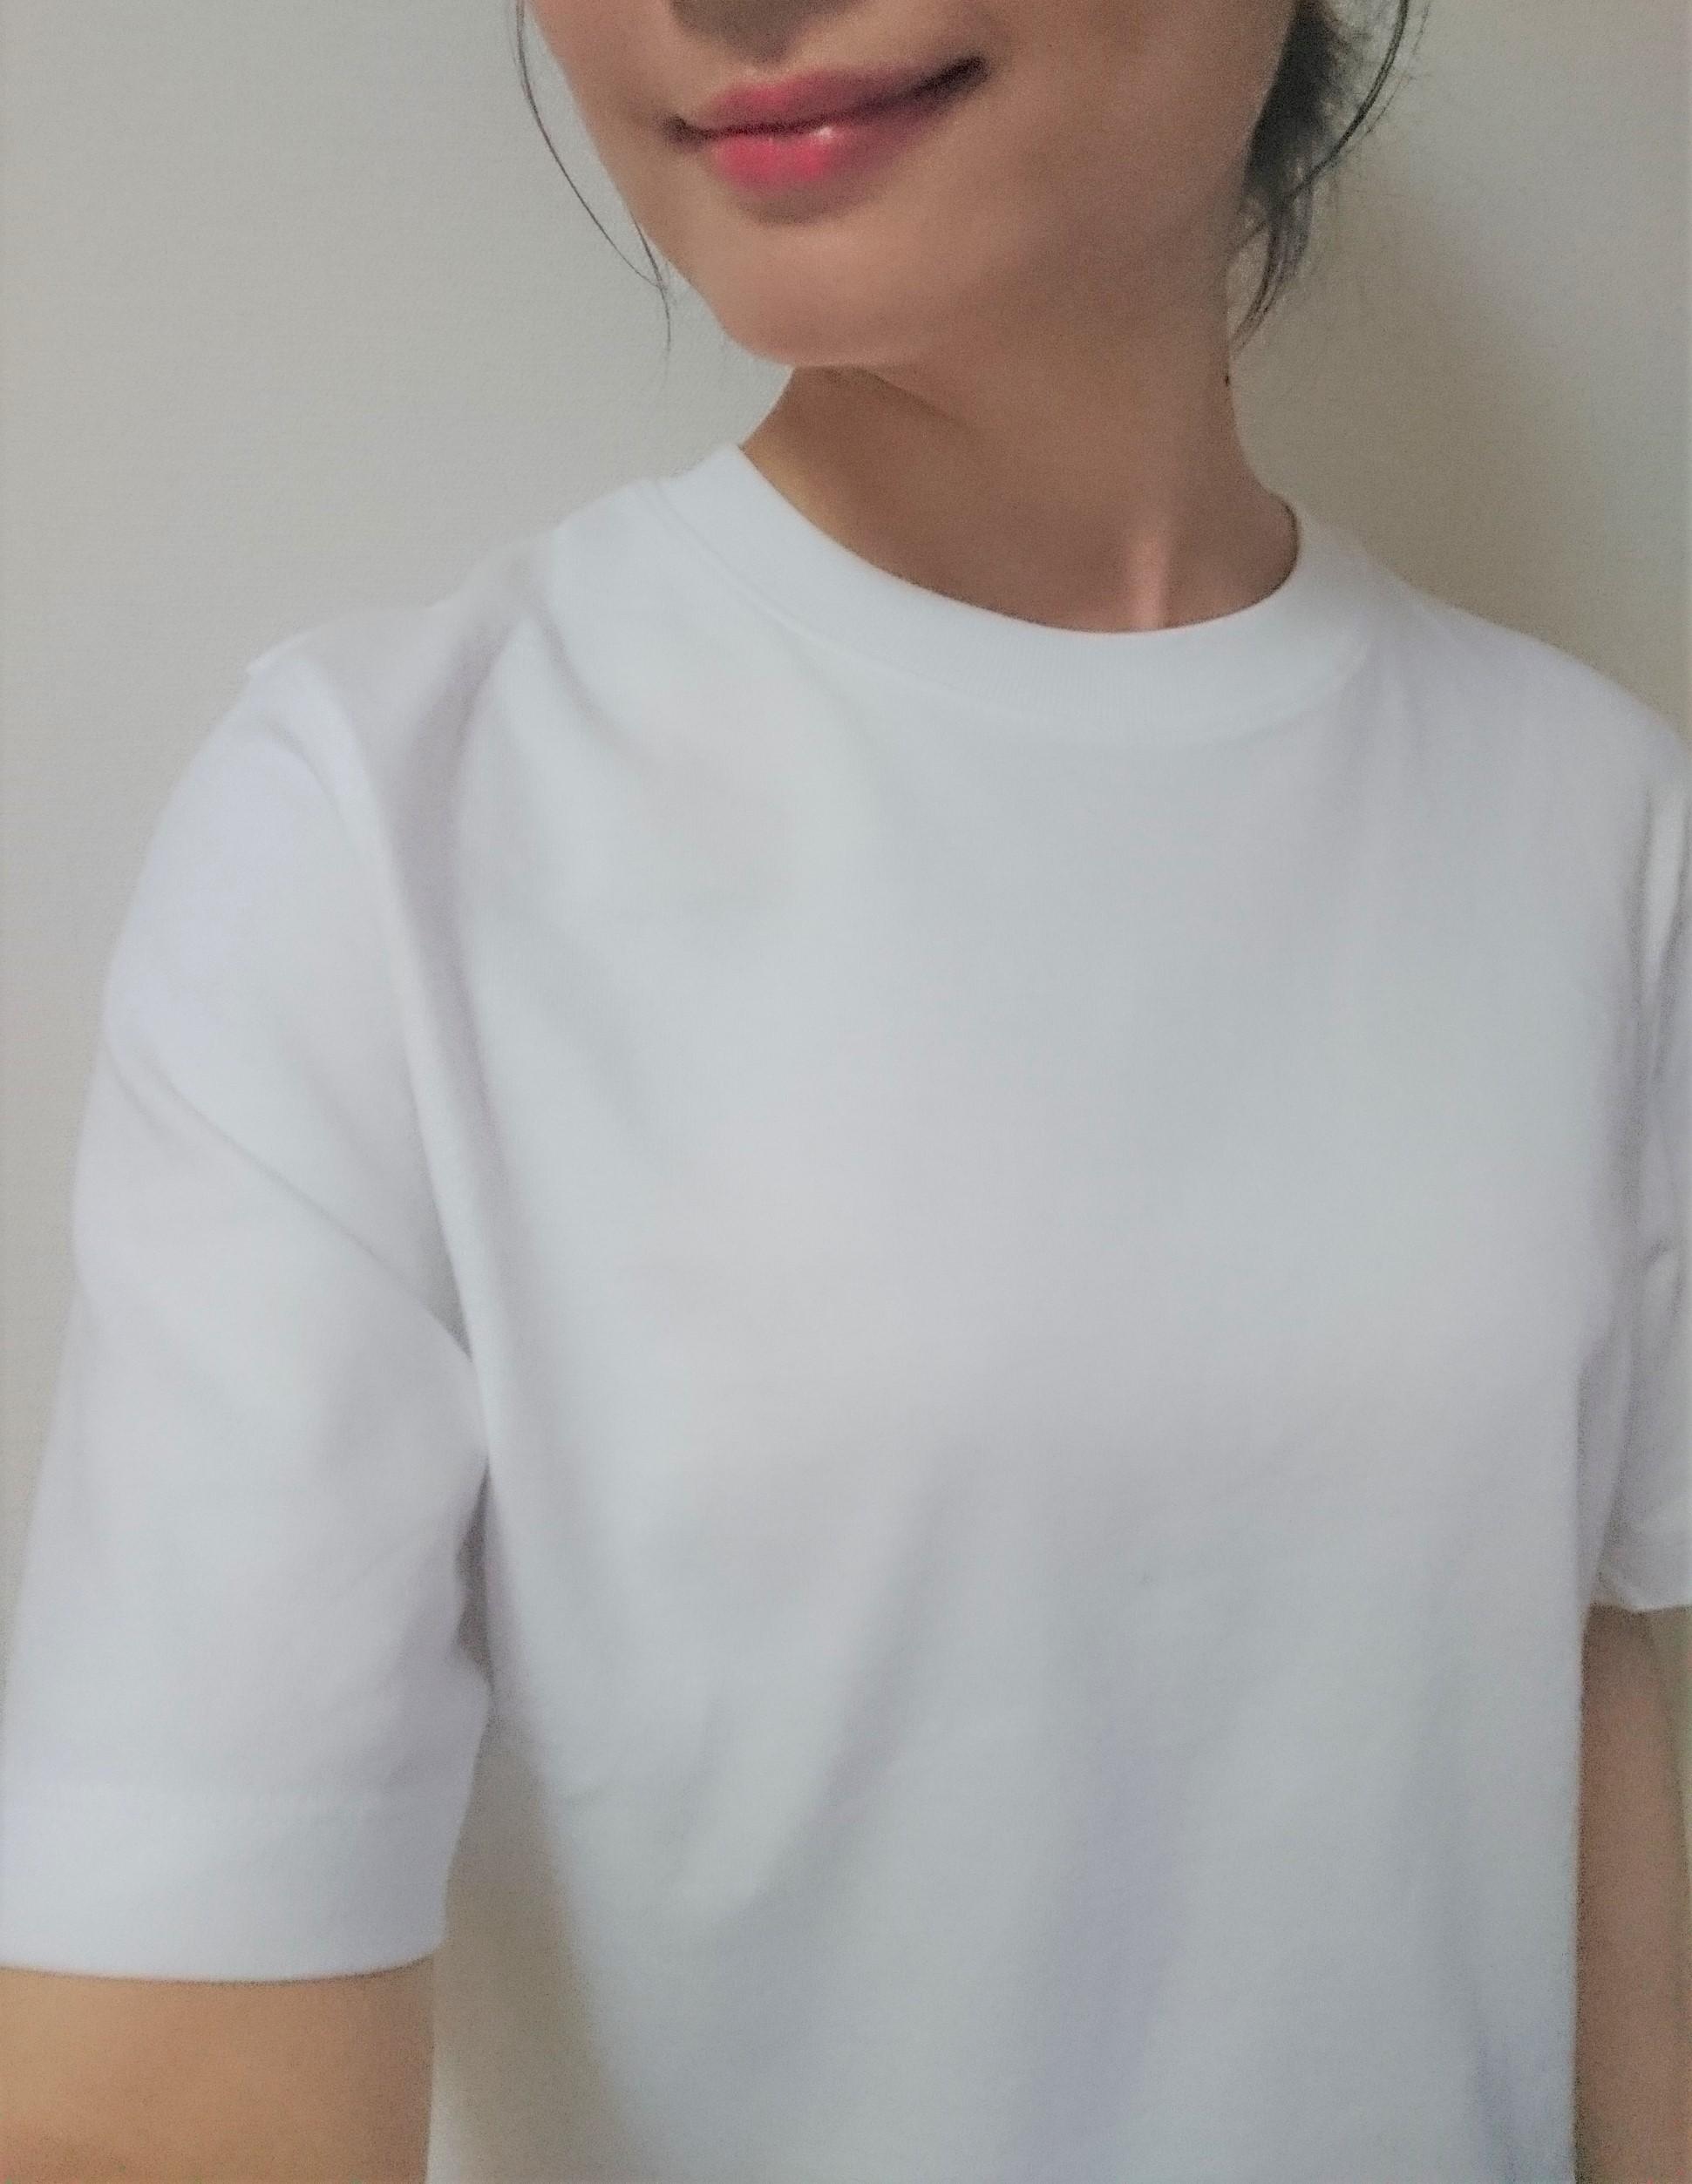 ユニクロのTシャツ特集 - UTやユニクロ ユーなど、夏の定番無地Tシャツ、限定コラボTシャツまとめ_15